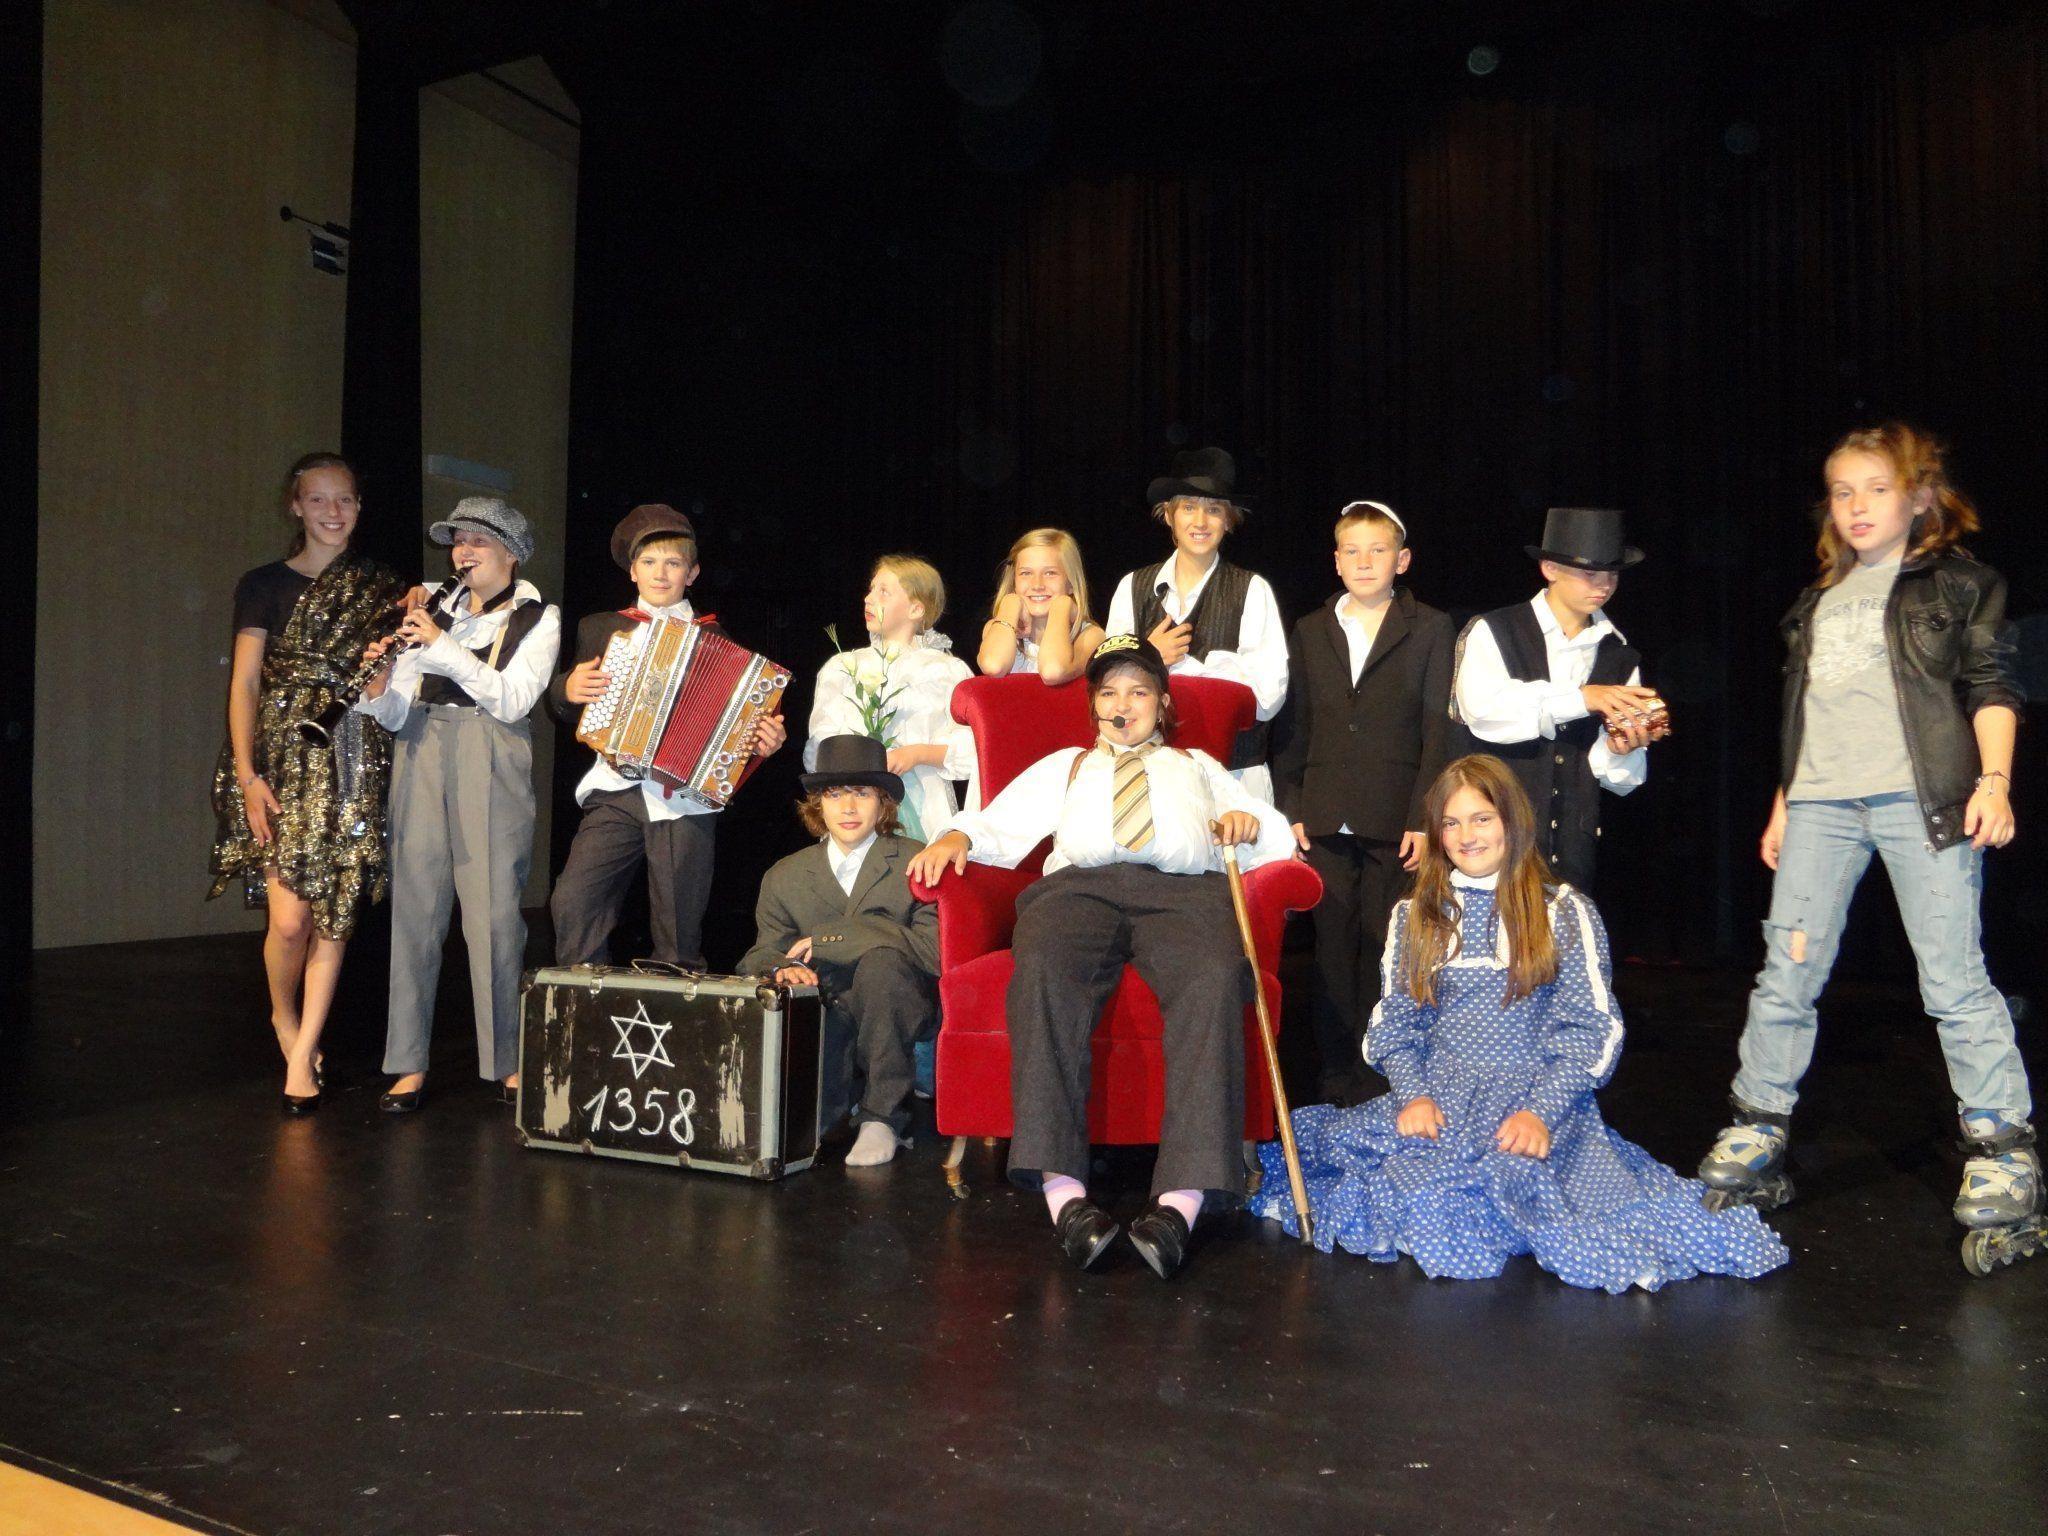 Die Theaterspieler der VMS Au bei ihrem großen Auftritt.